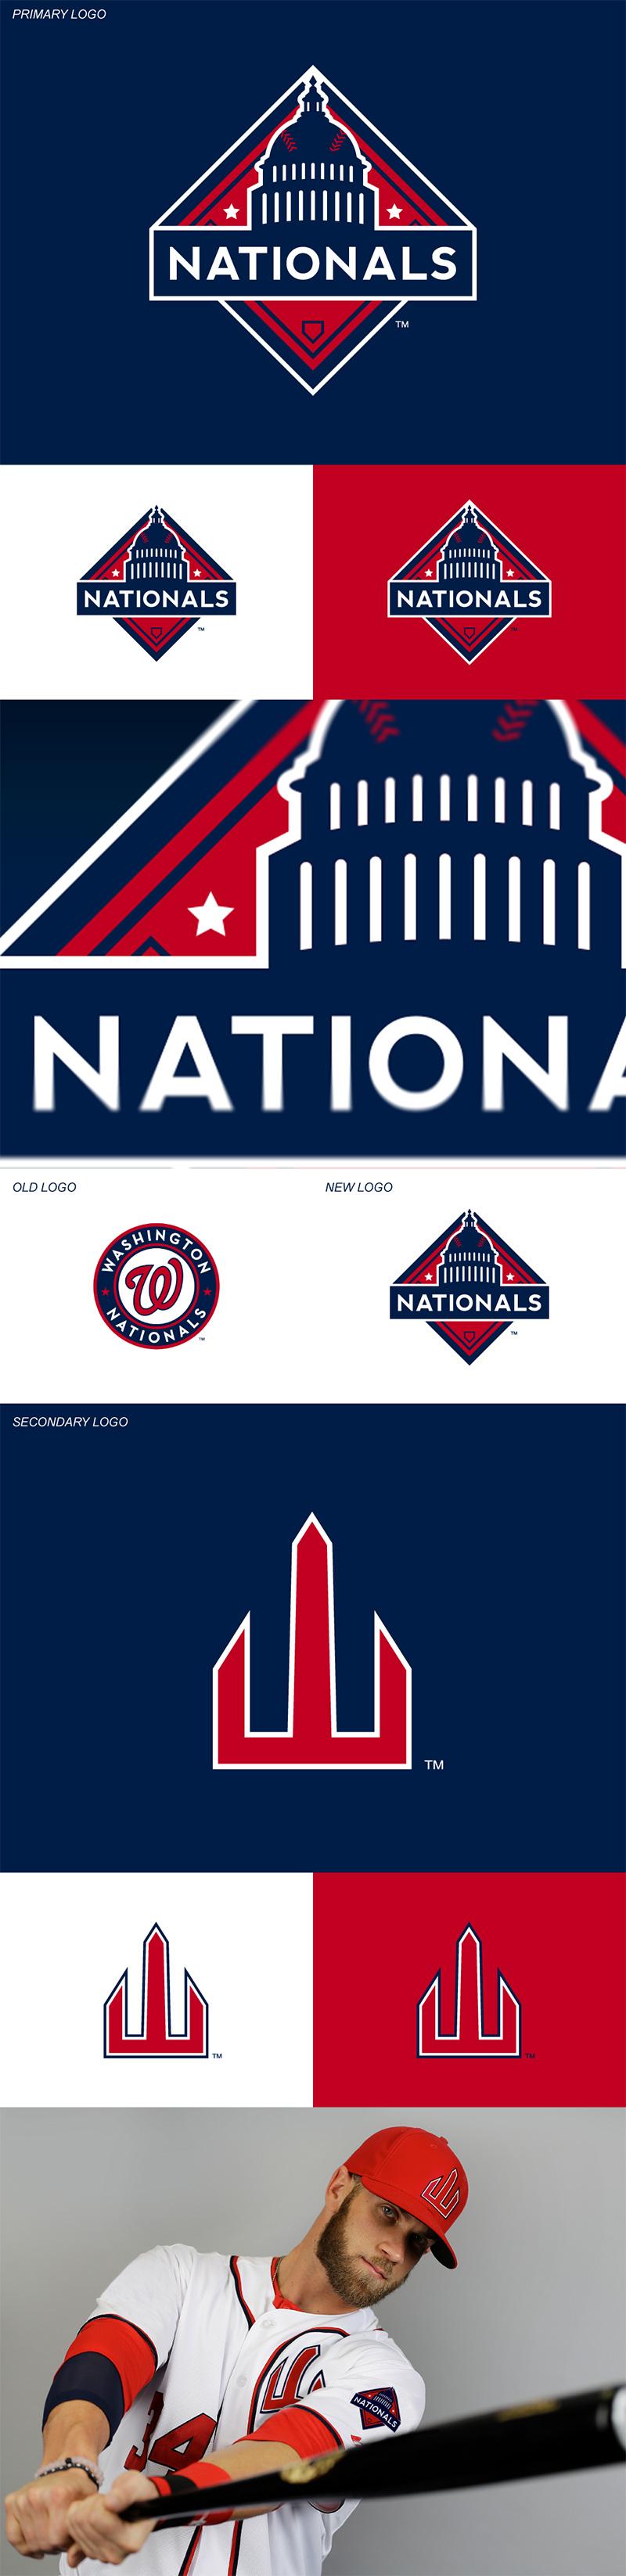 Washington Nationals Rebrand Concept by Evan Hessler